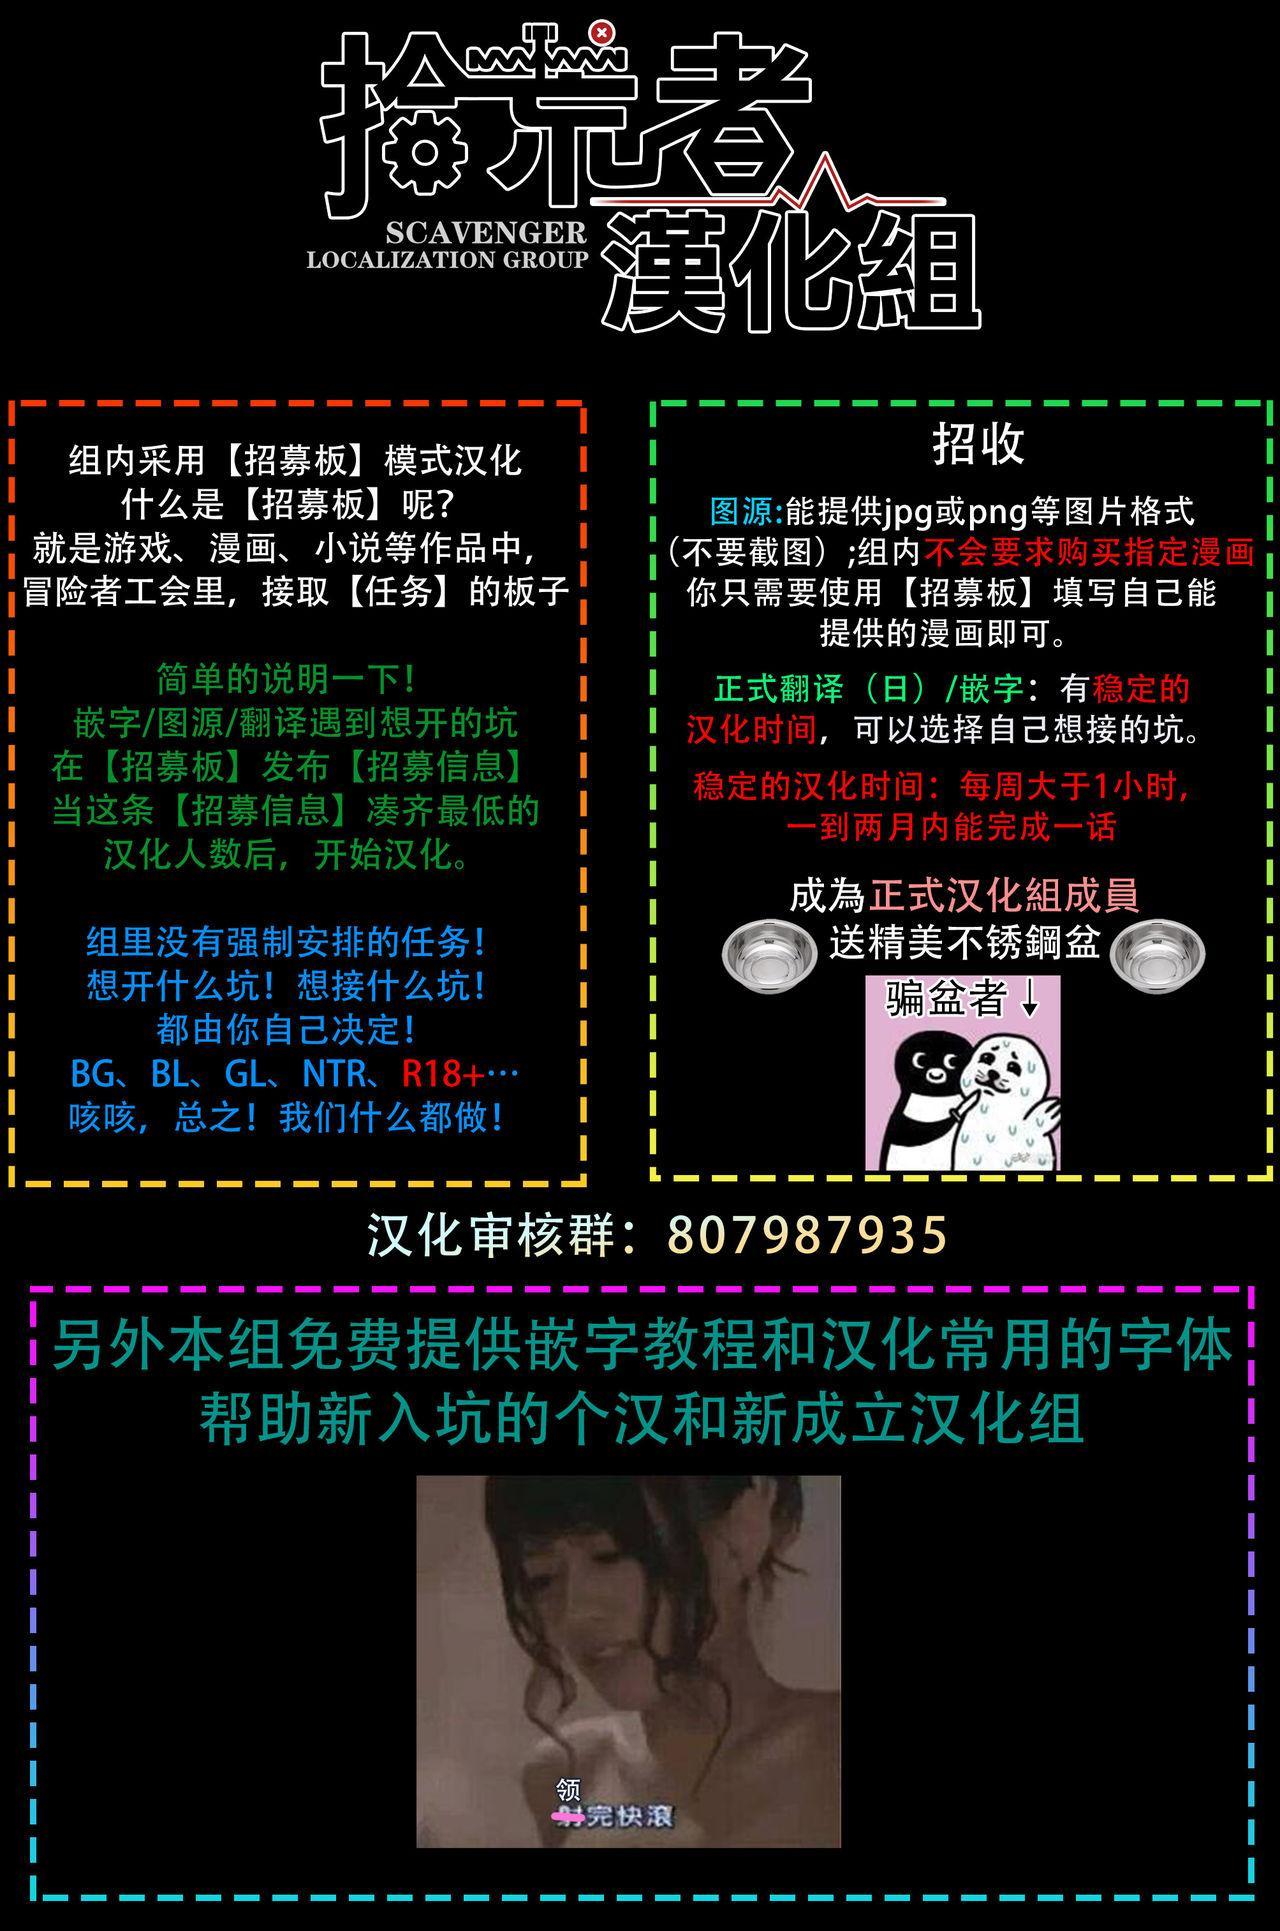 我被智能机器人色情开发了!? 01 Chinese 32